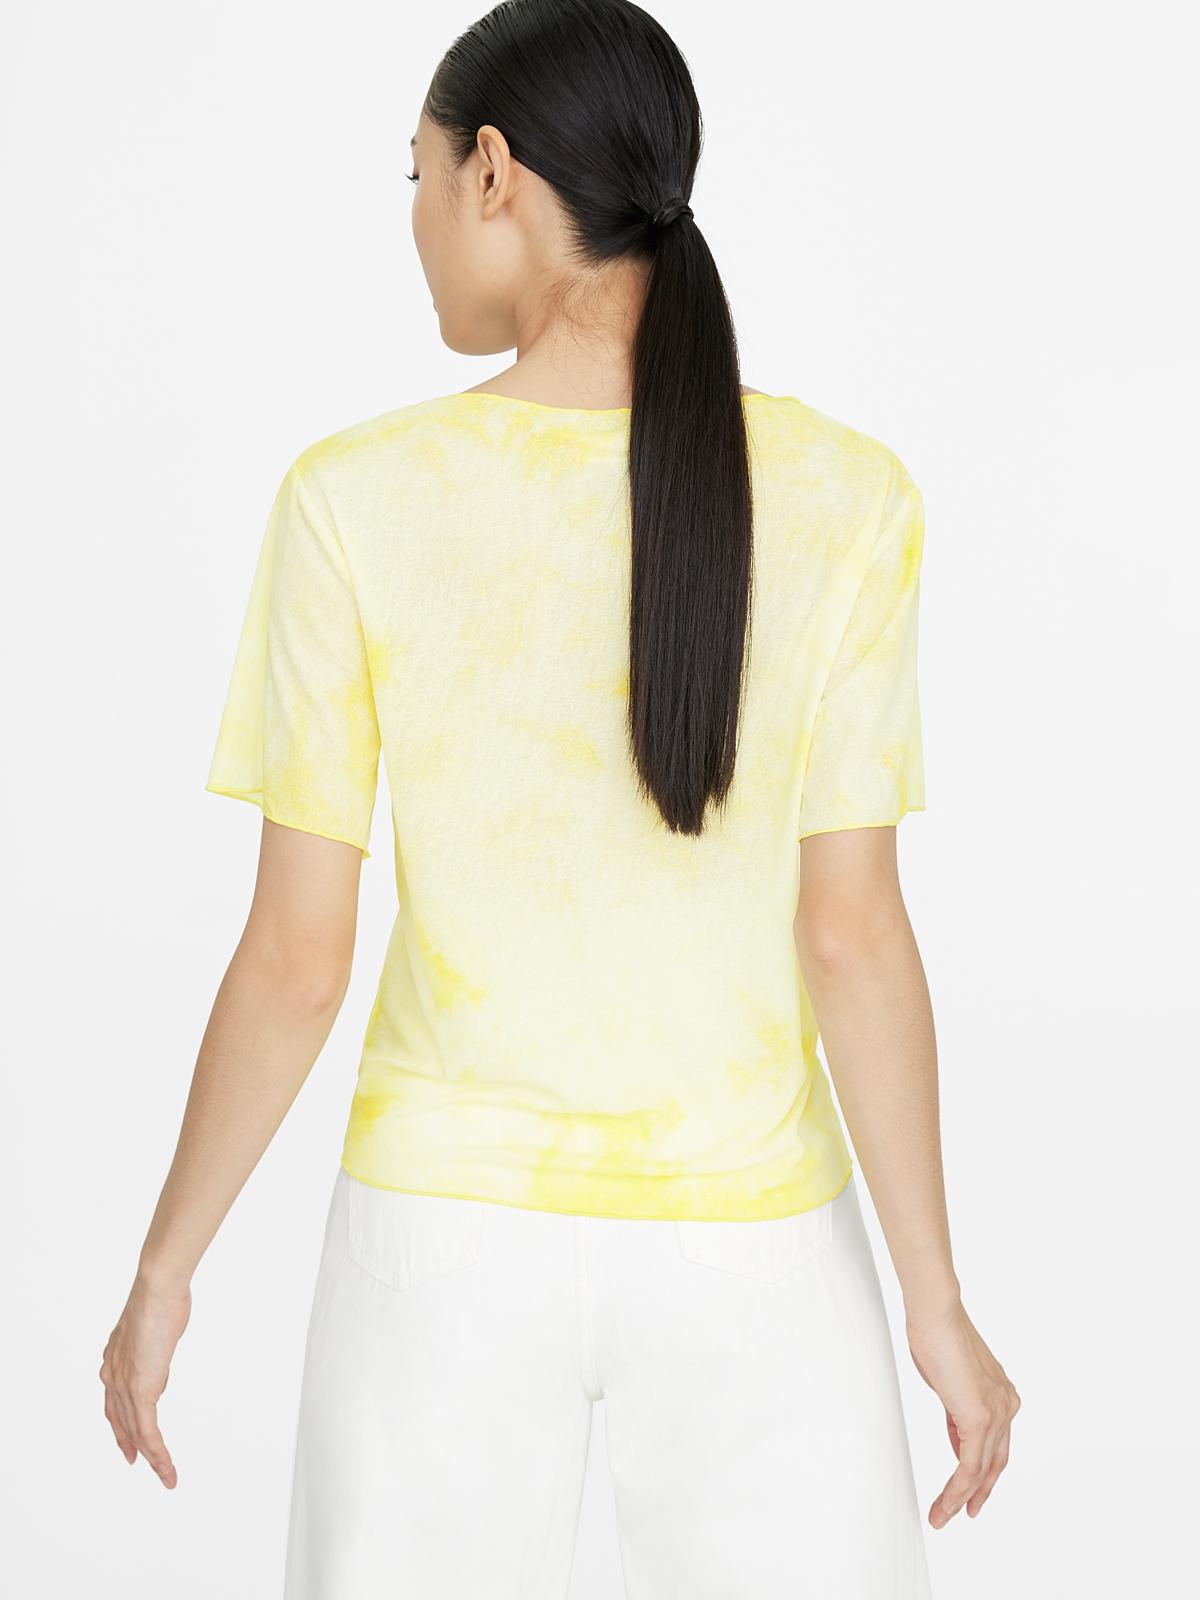 V Neck Tie Dye Top Yellow